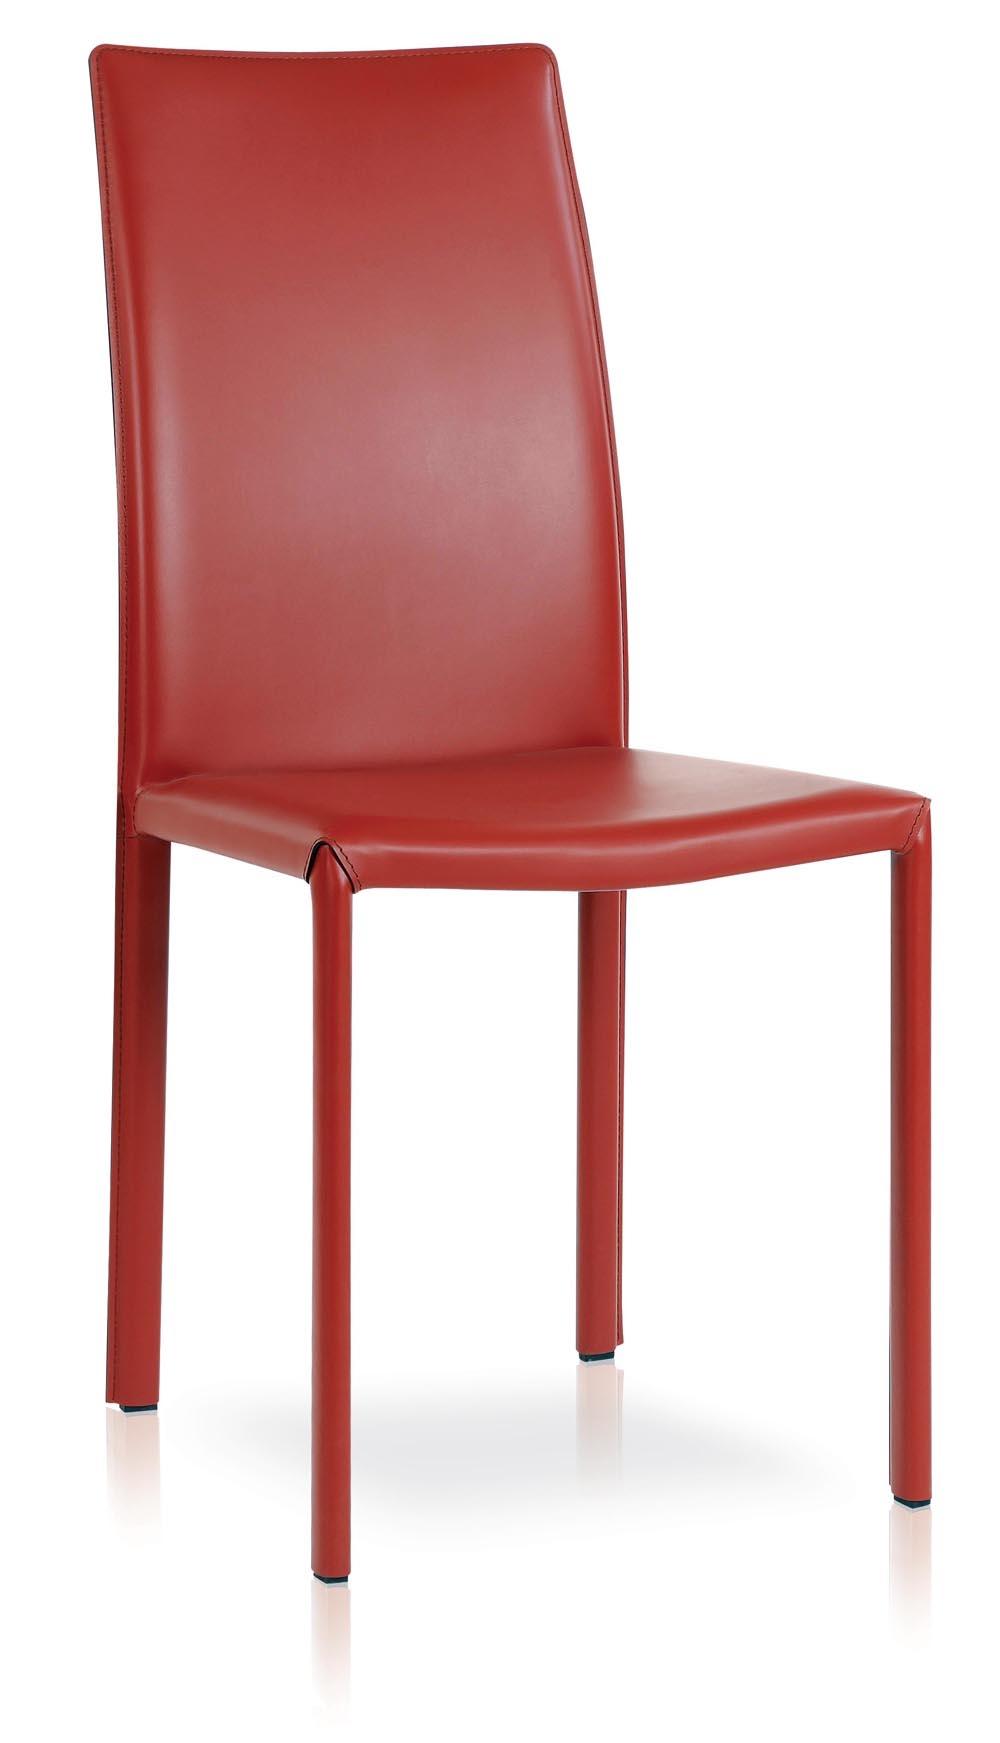 Sedia zanotto giada media scontato del 55 sedie a for Sedie cuoio prezzi